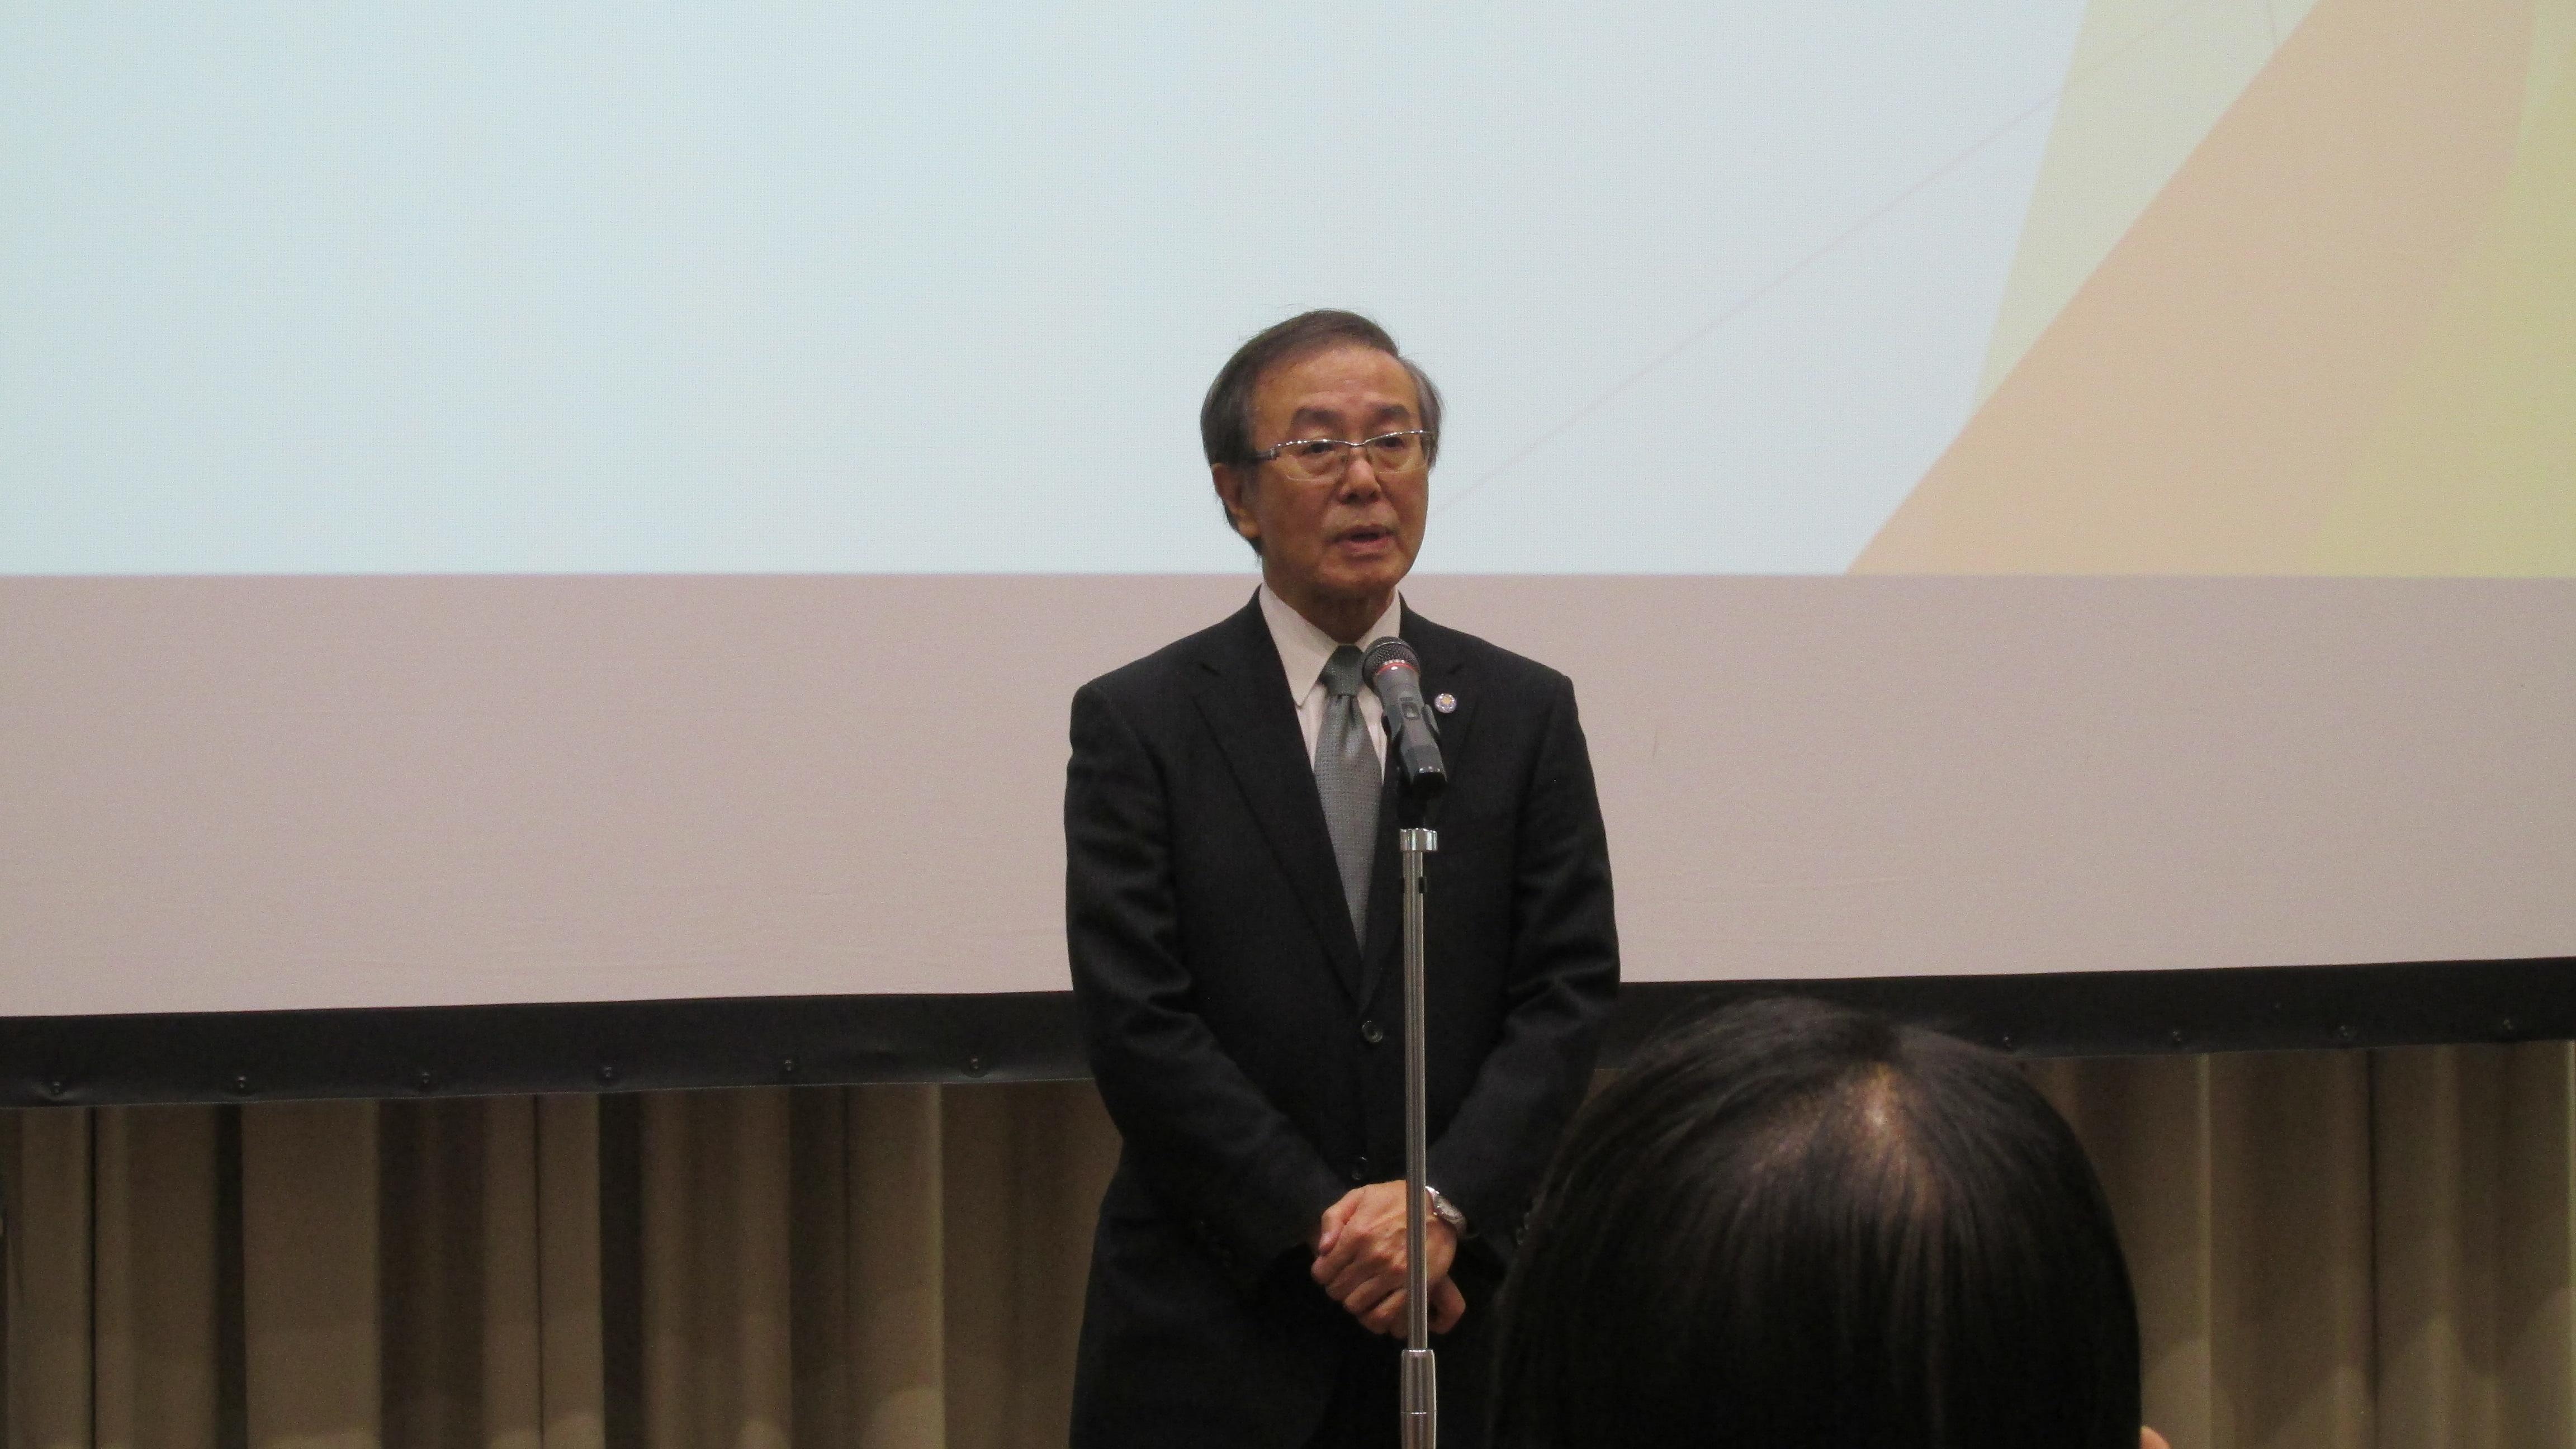 開会挨拶を行う 佐藤 敬 会長(弘前大学長)